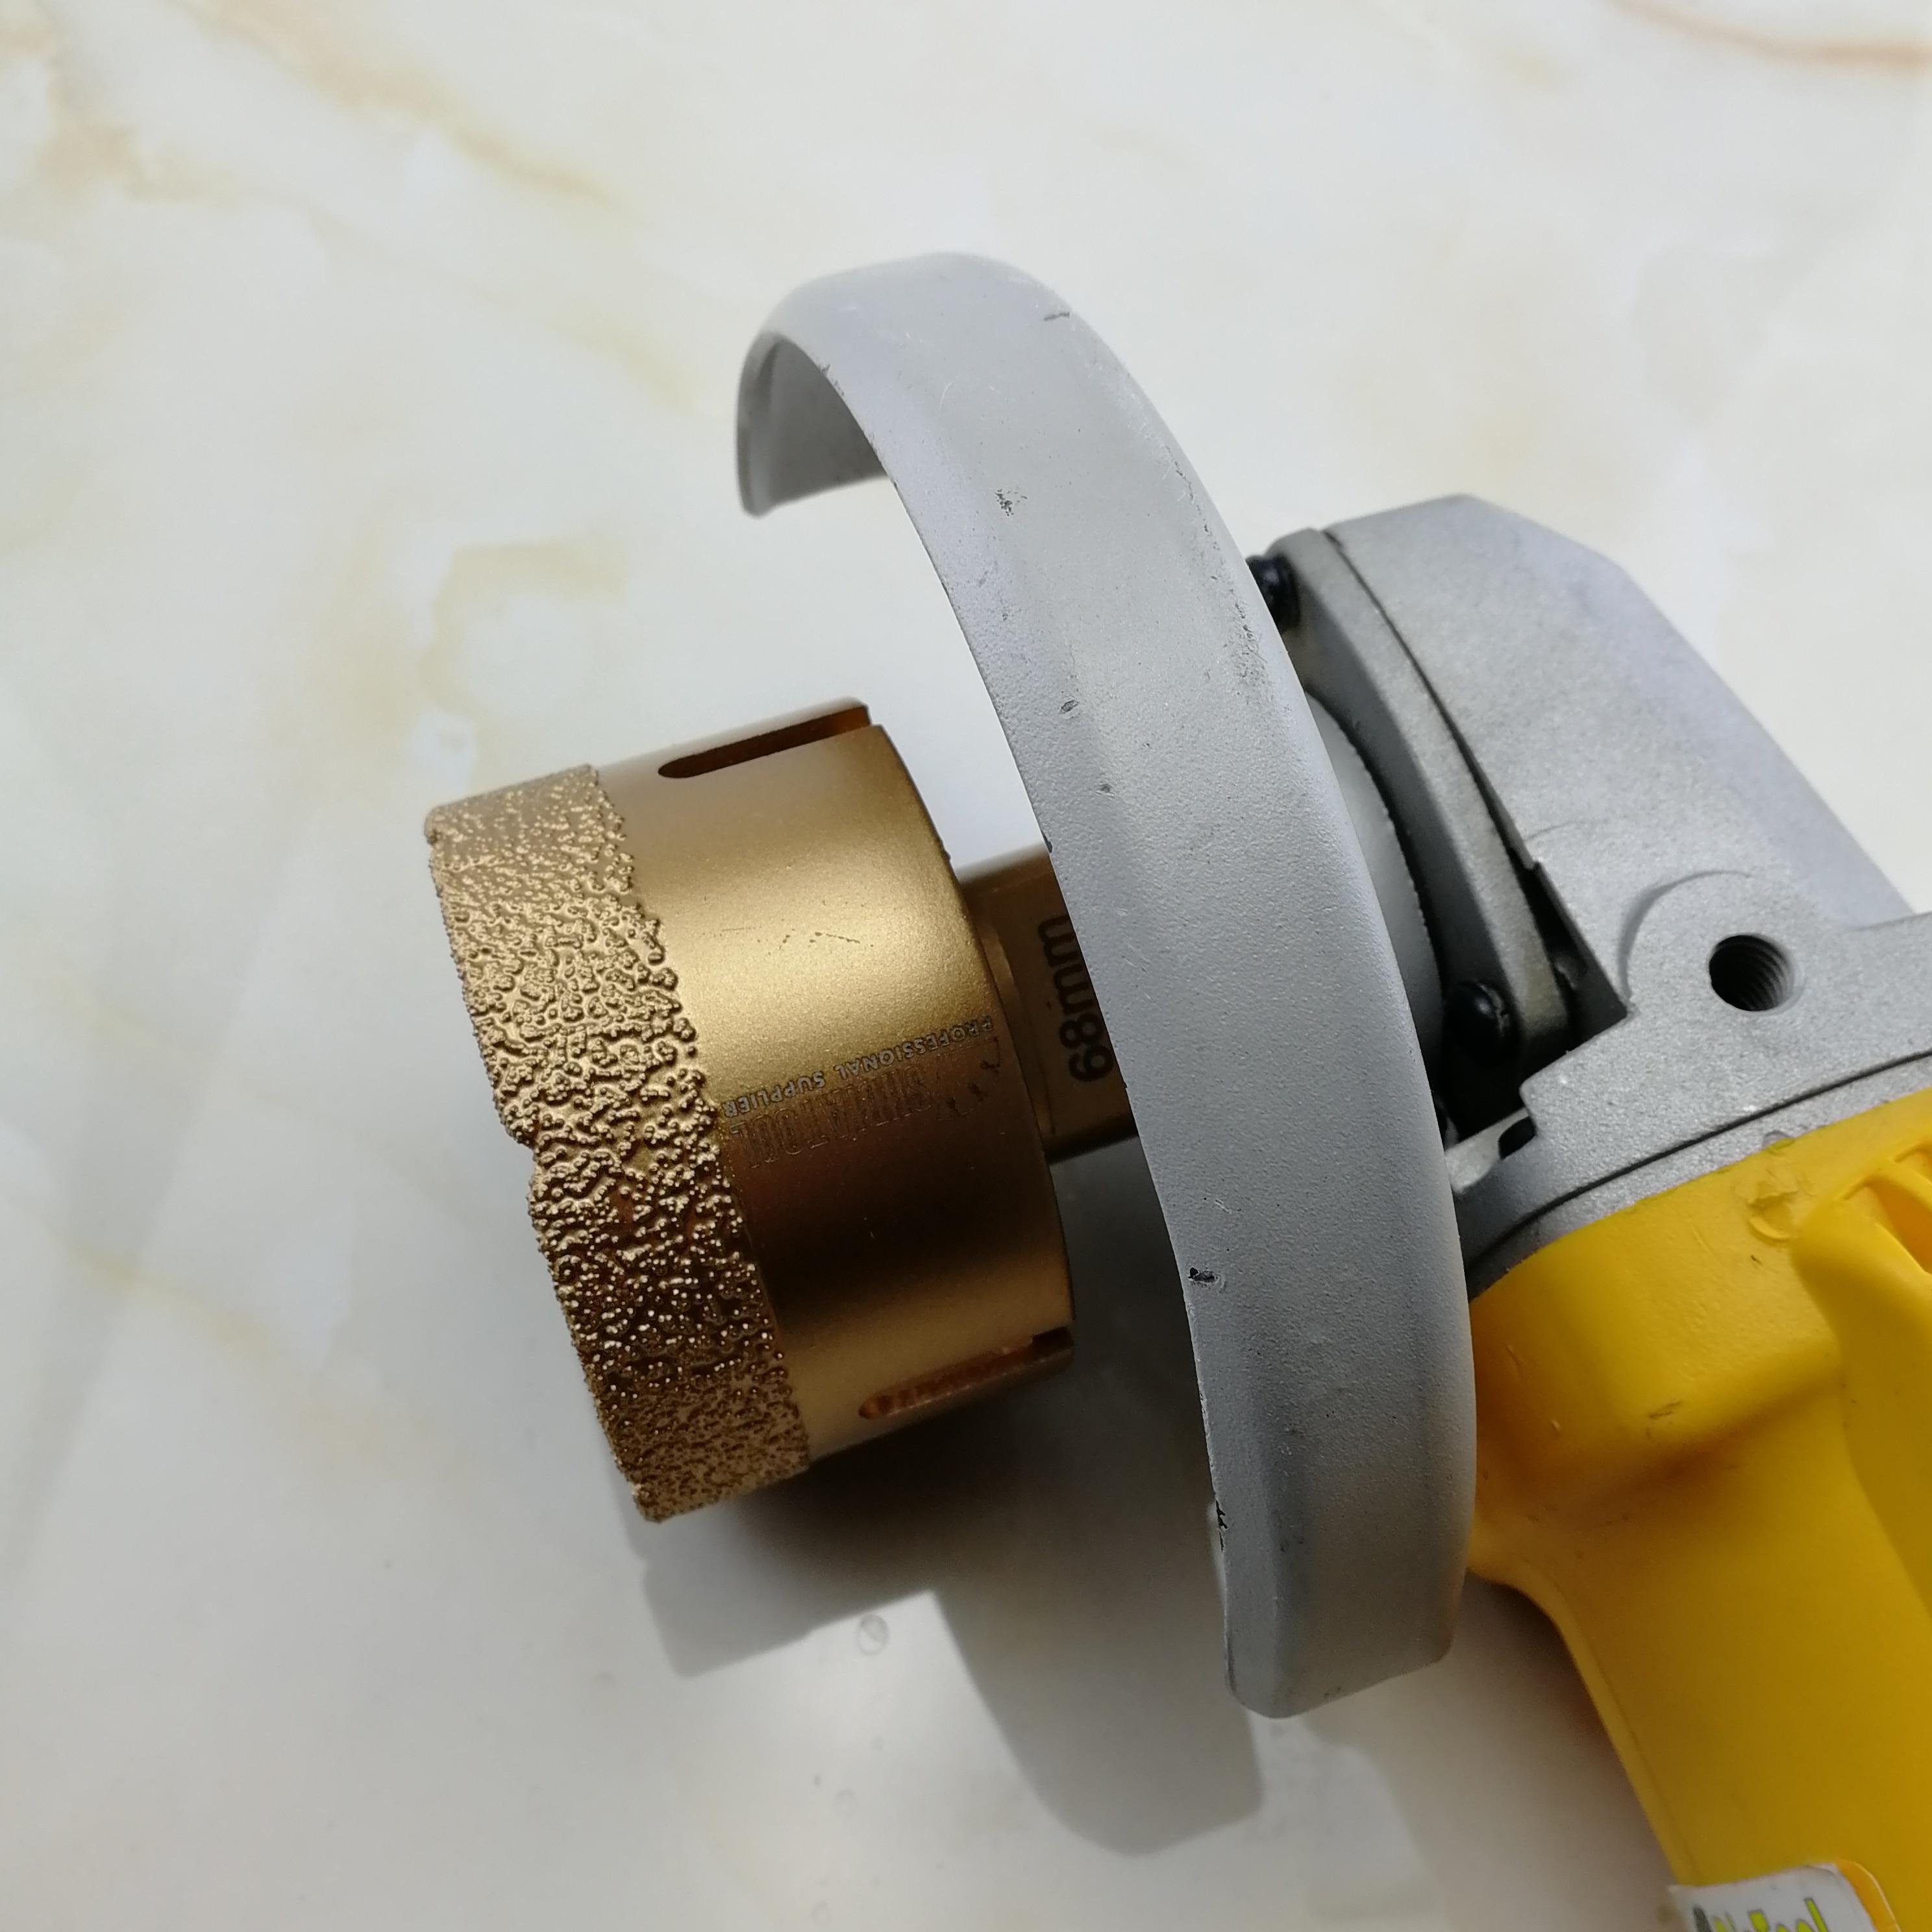 SHDIATOOL 60 mm M14 Draad Vacuümgesoldeerde diamantboorkronen Boren - Boor - Foto 3